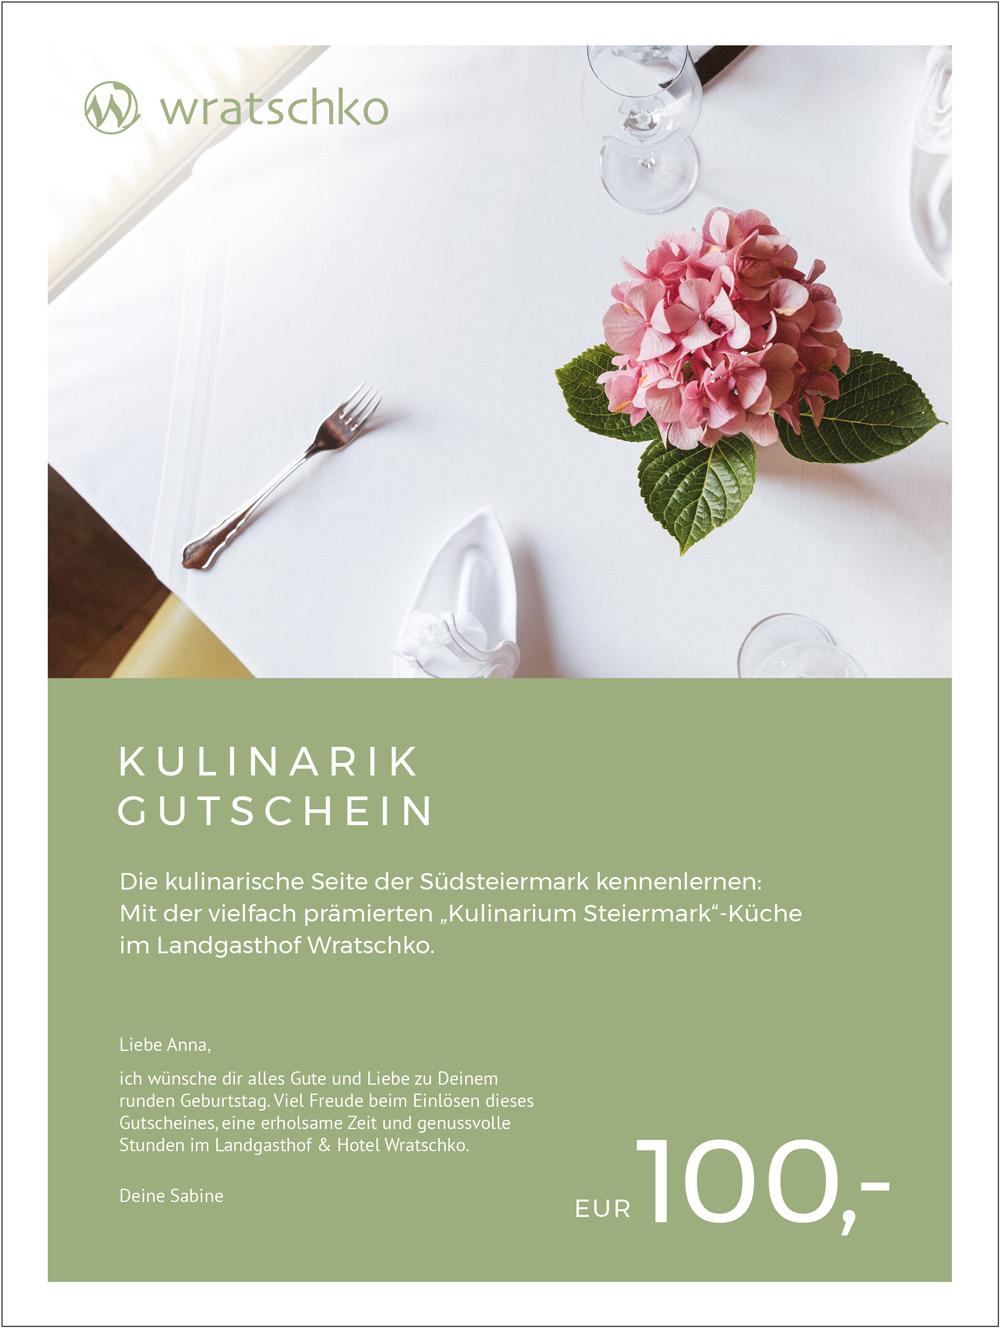 Kulinarik-Gutschein